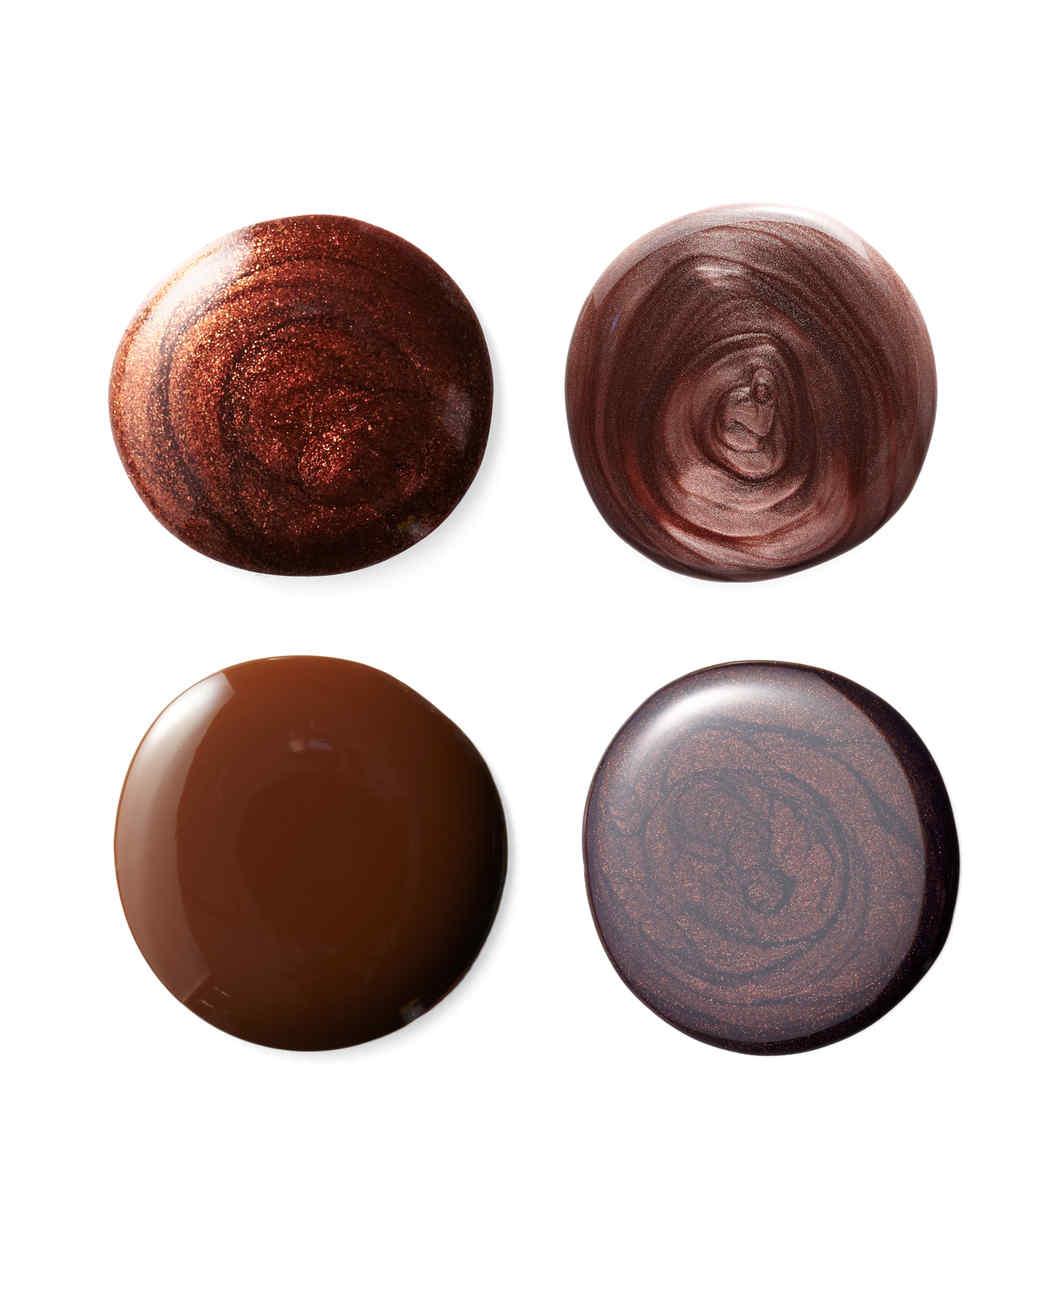 nail-polish-browns-msl0612.jpg